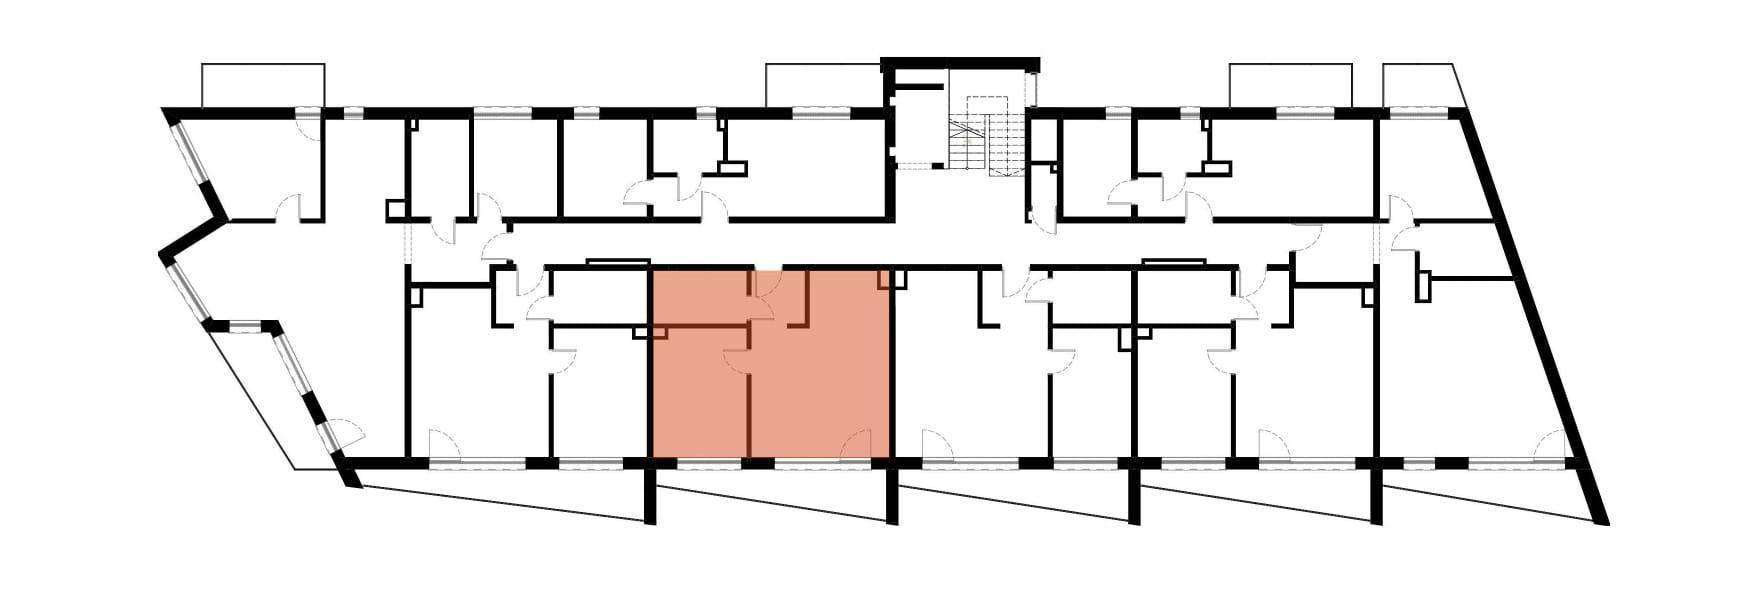 Apartamenty Kamienna / apartamenty inwestycyjne M20 rzut 2